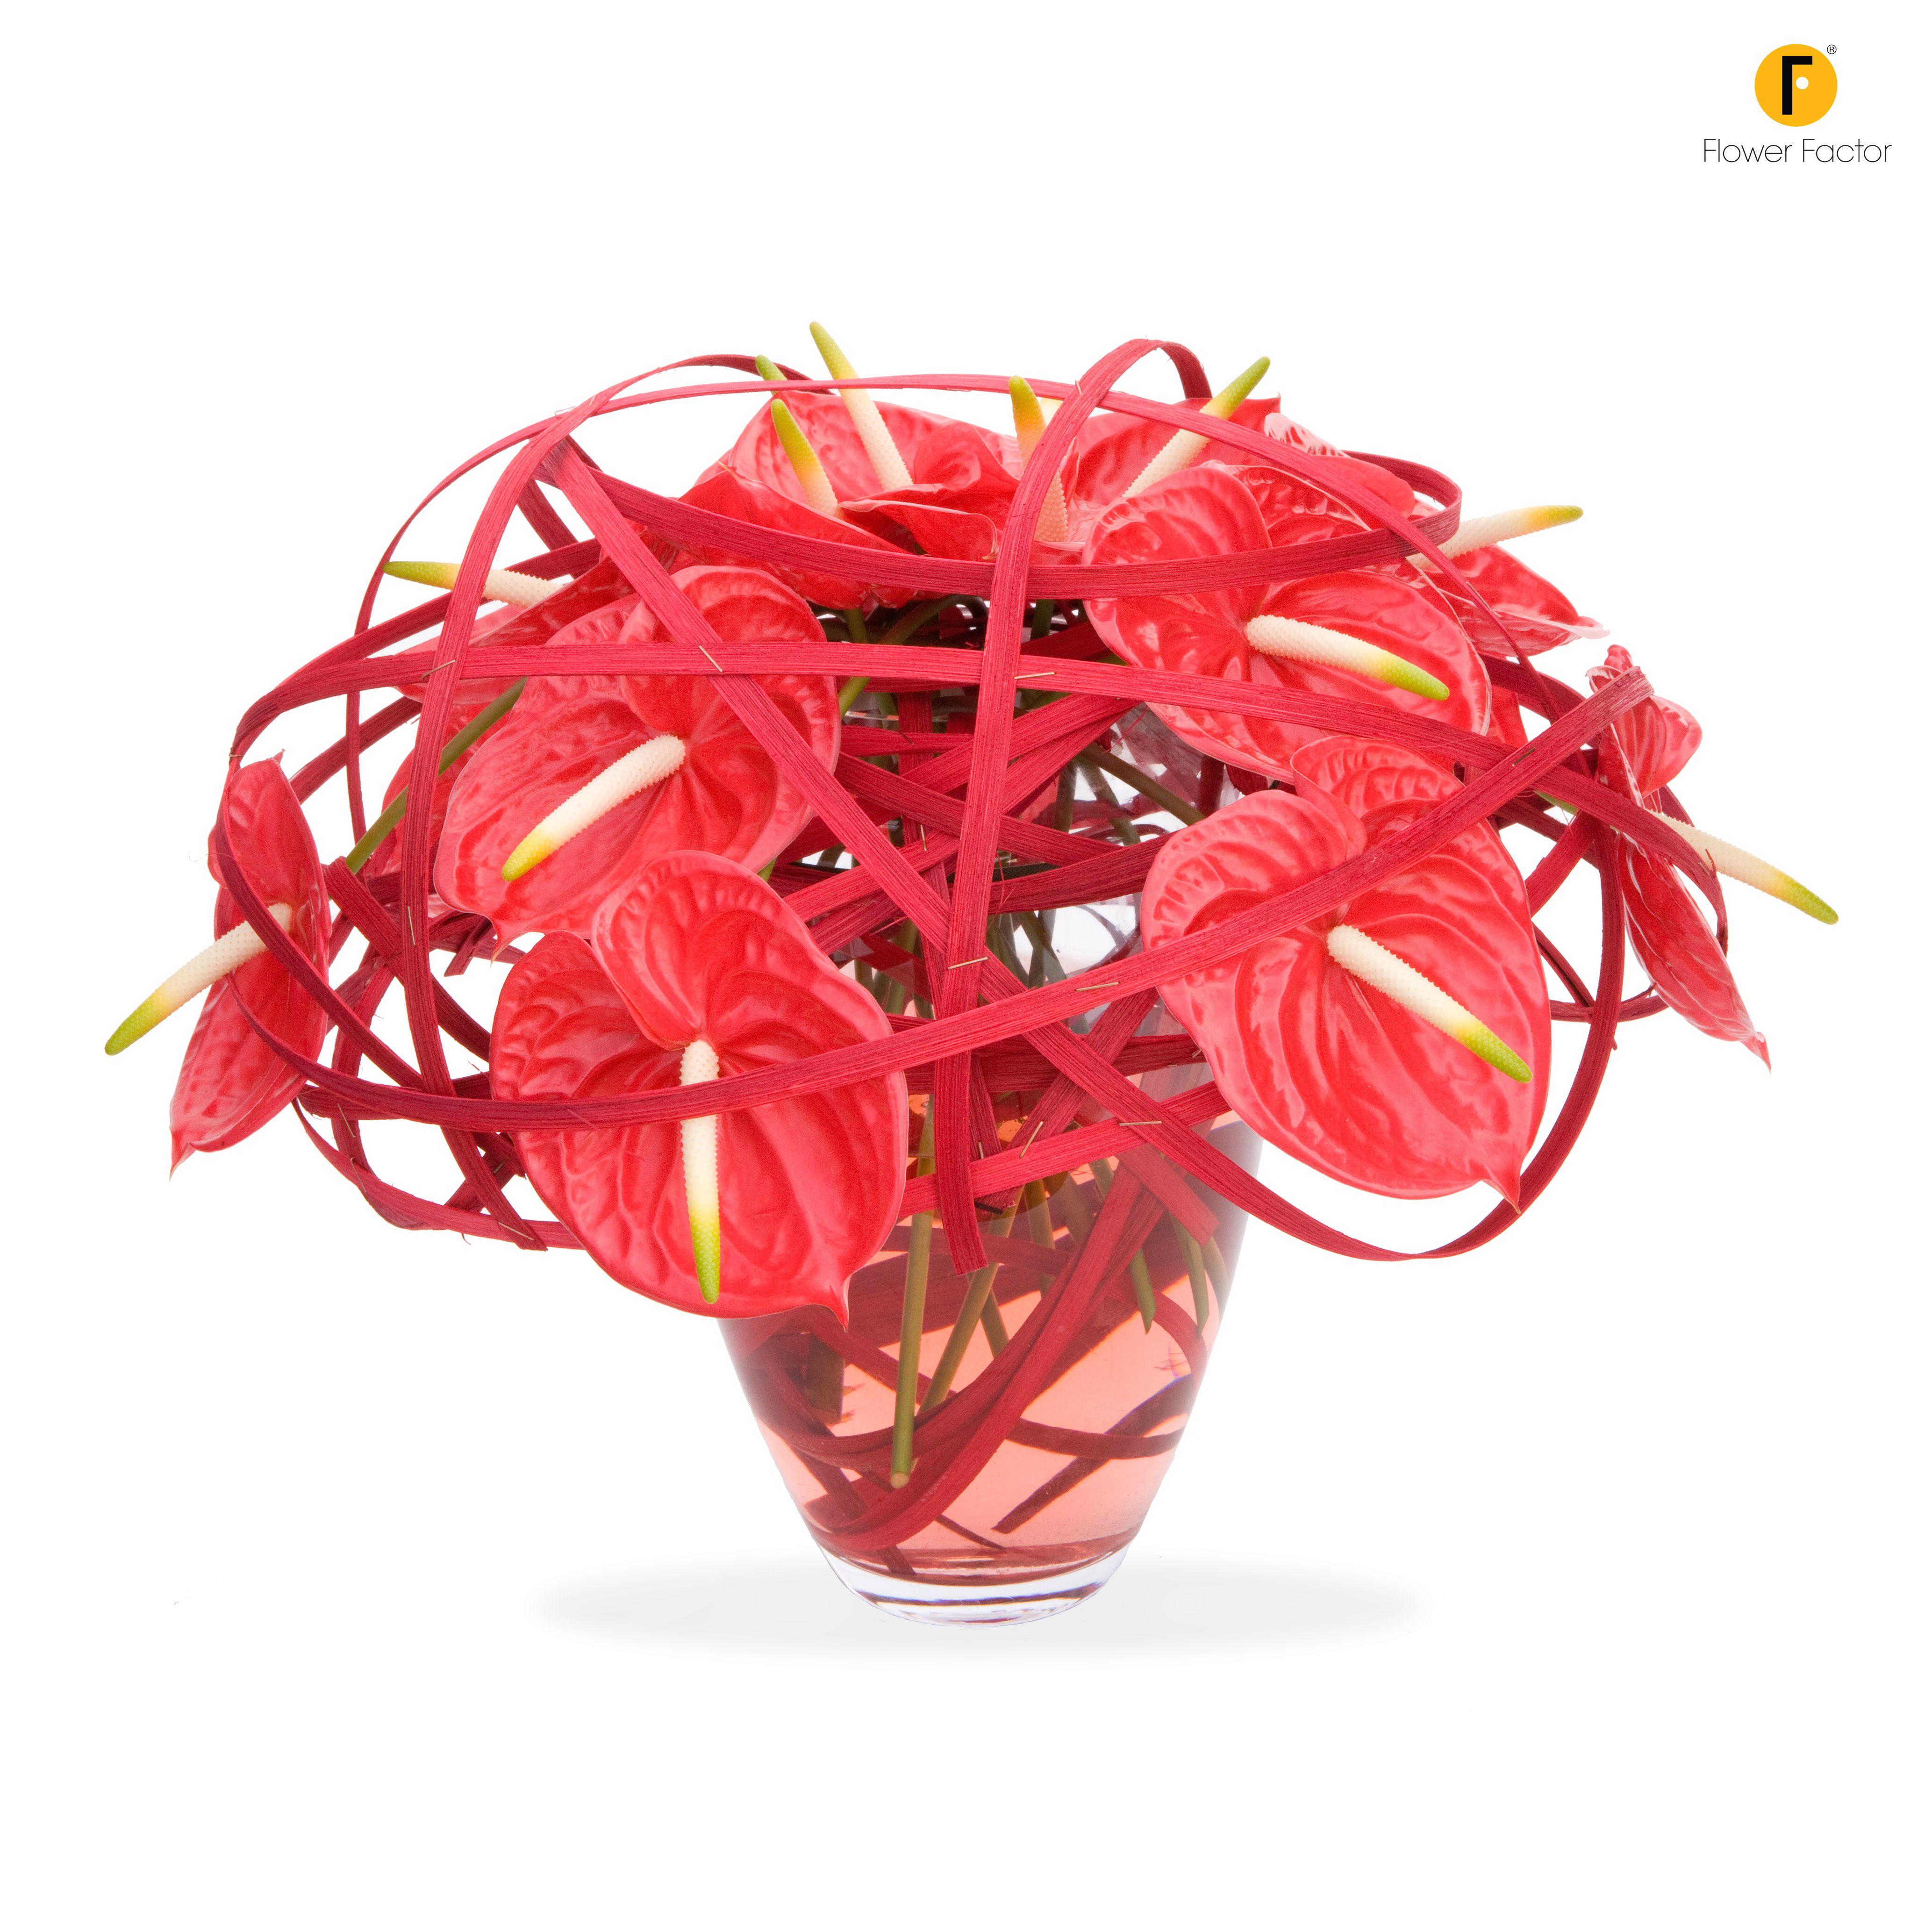 A Striking Anthurium Bouquet Flower Factor